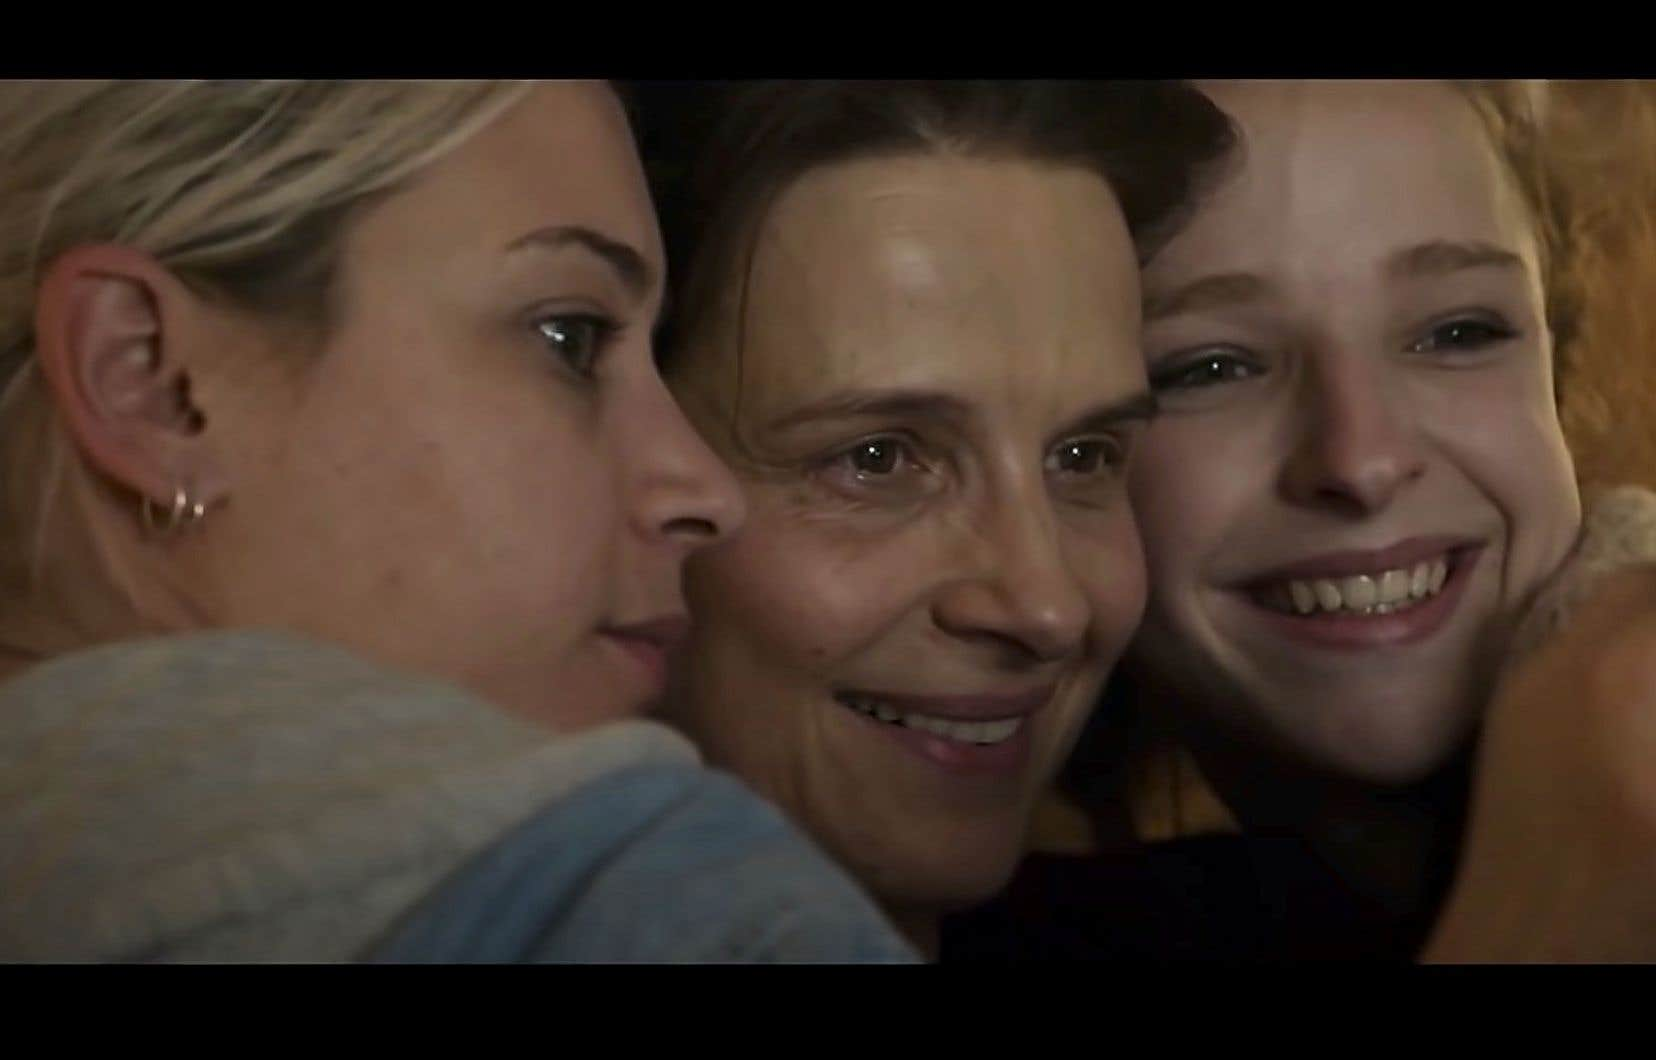 Capture d'écrantirée de la bande-annonce de «Ouistreham», le film qui ouvrira l'édition 2021 du festival Colcoa